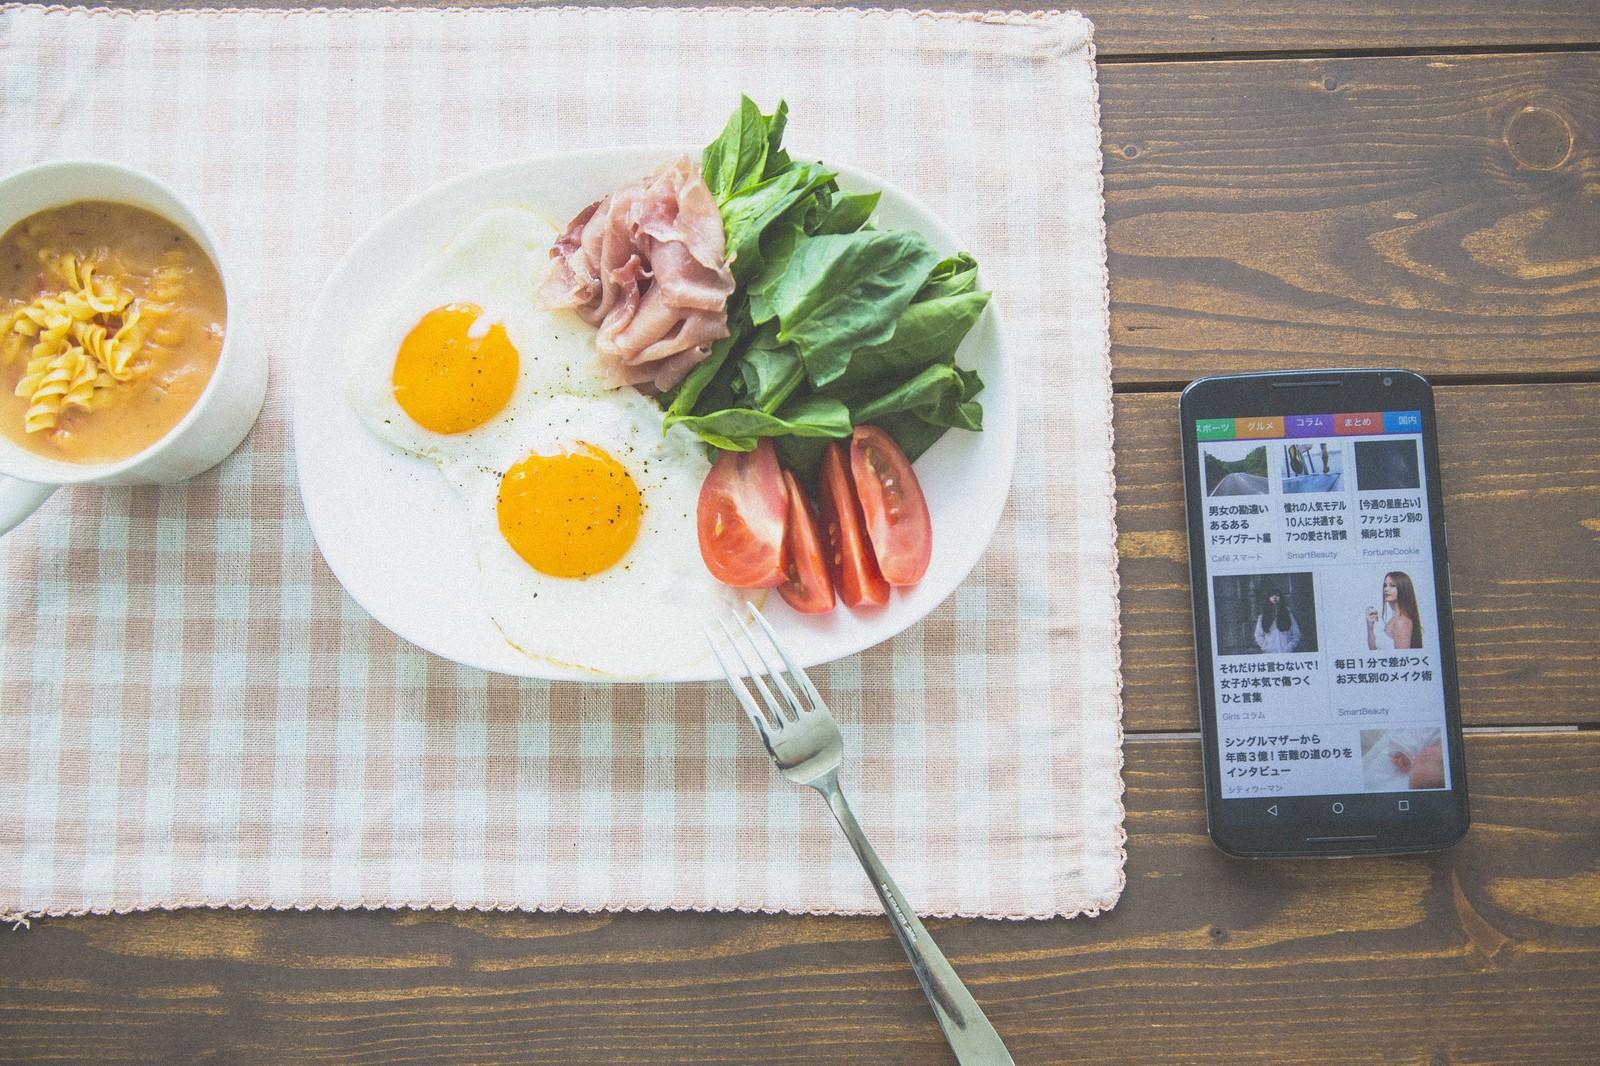 「ニュースを見ながら朝食を食べるニュースを見ながら朝食を食べる」のフリー写真素材を拡大